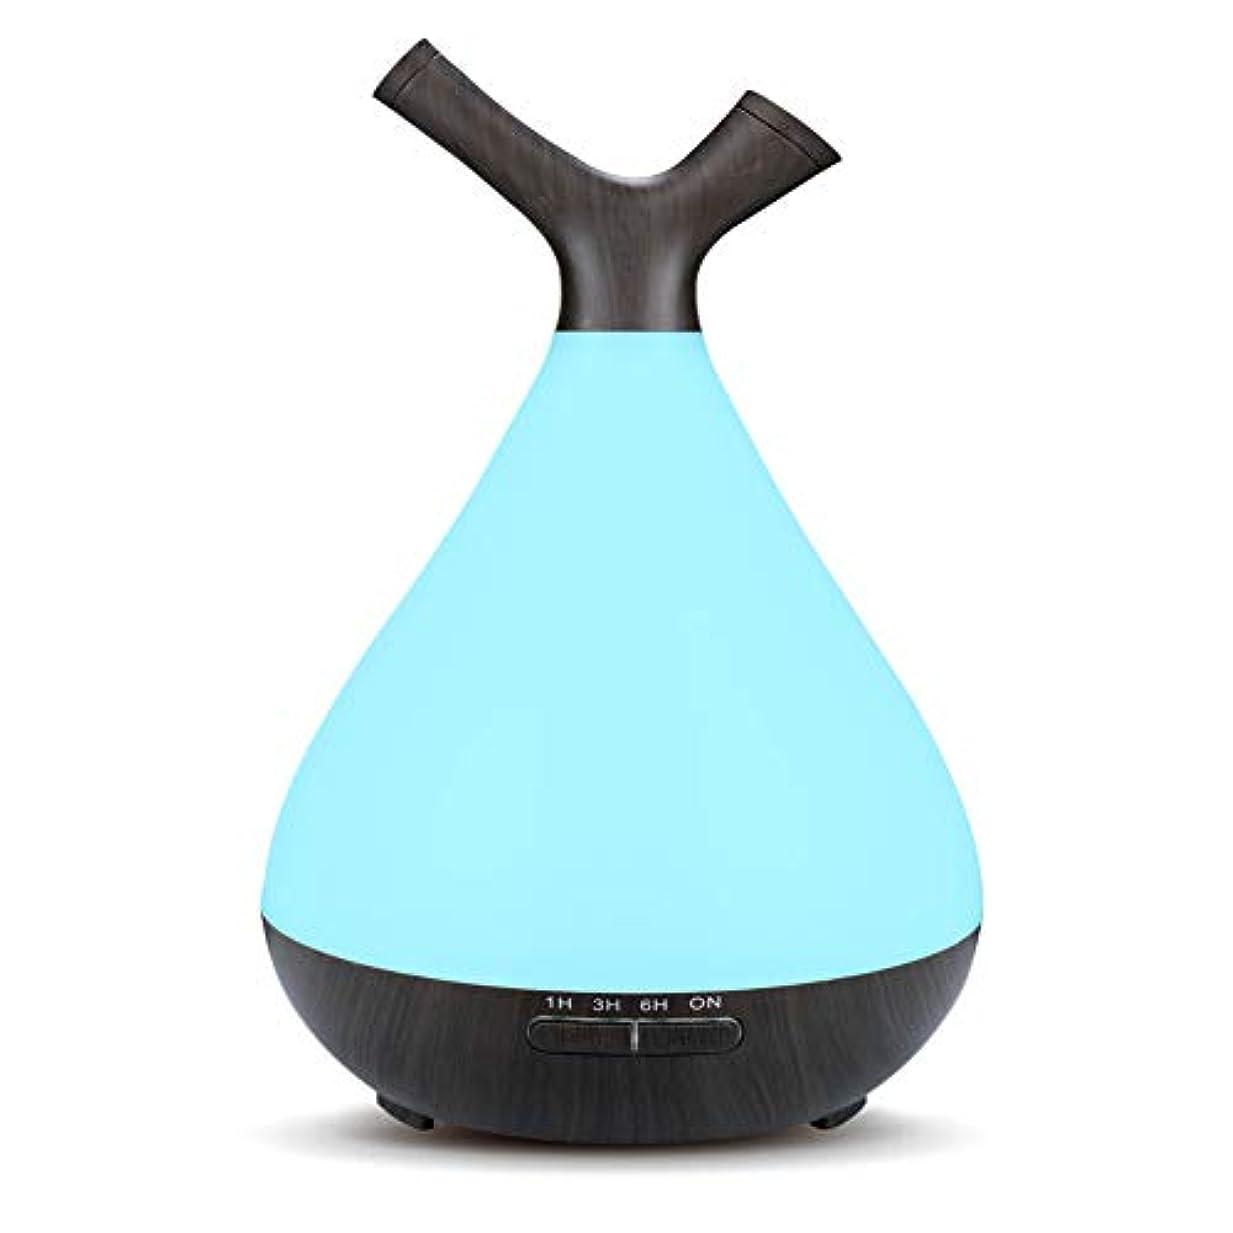 シンカン悪い続編木目 2 ノズル 7 色 加湿器,涼しい霧 時間 加湿機 調整可能 香り 精油 ディフューザー 空気を浄化 オフィス ベッド- 400ml